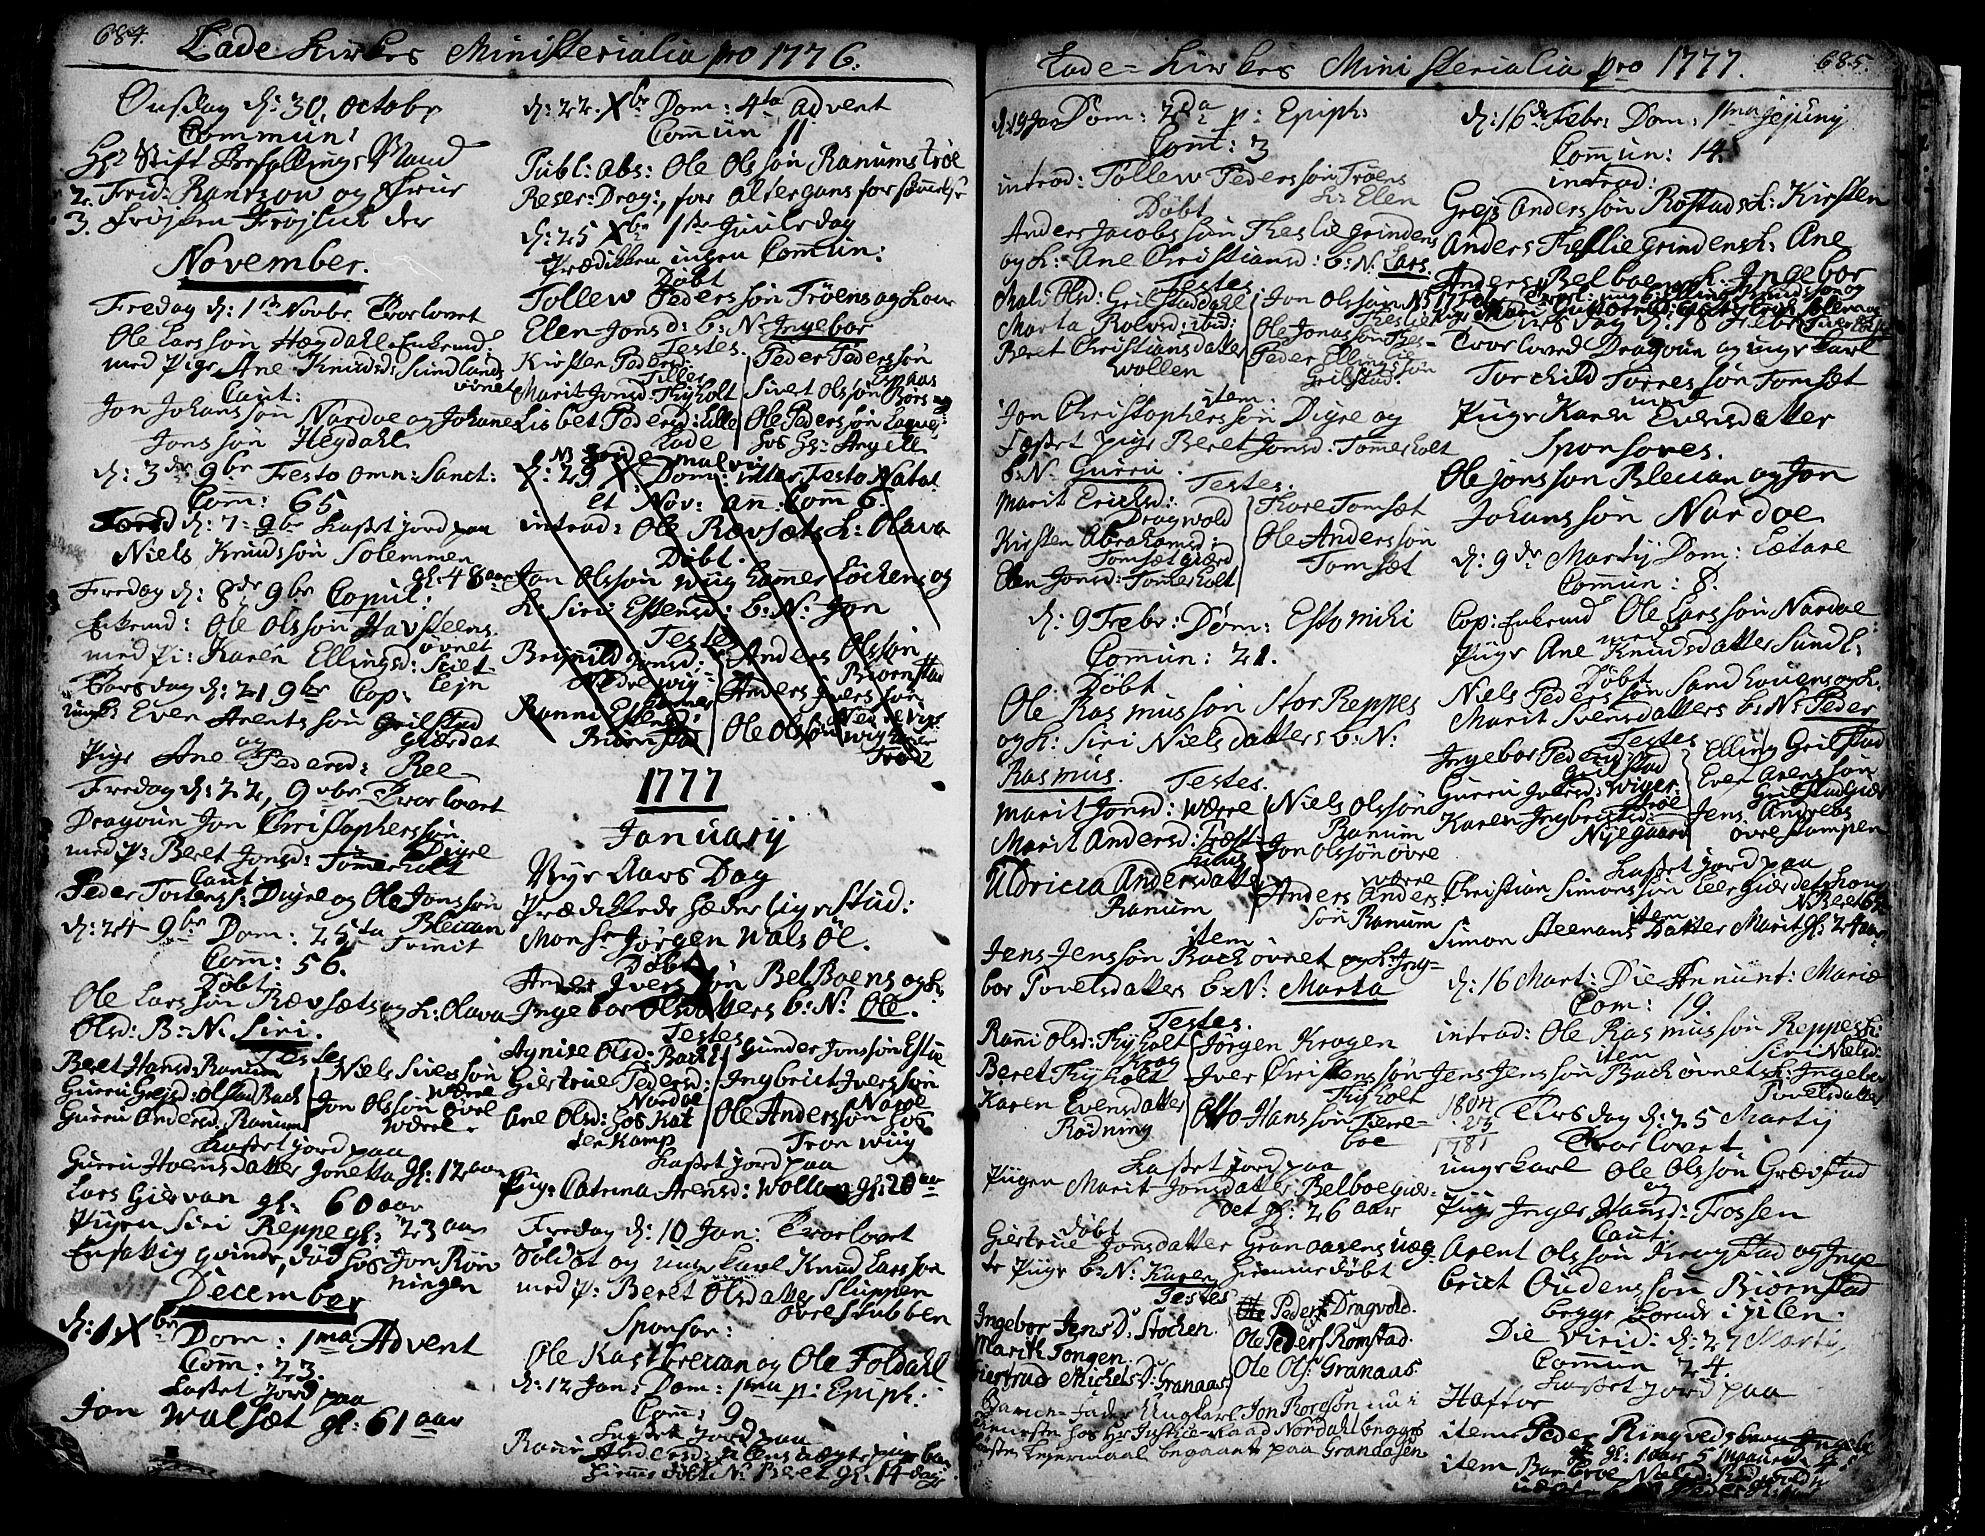 SAT, Ministerialprotokoller, klokkerbøker og fødselsregistre - Sør-Trøndelag, 606/L0275: Ministerialbok nr. 606A01 /1, 1727-1780, s. 684-685